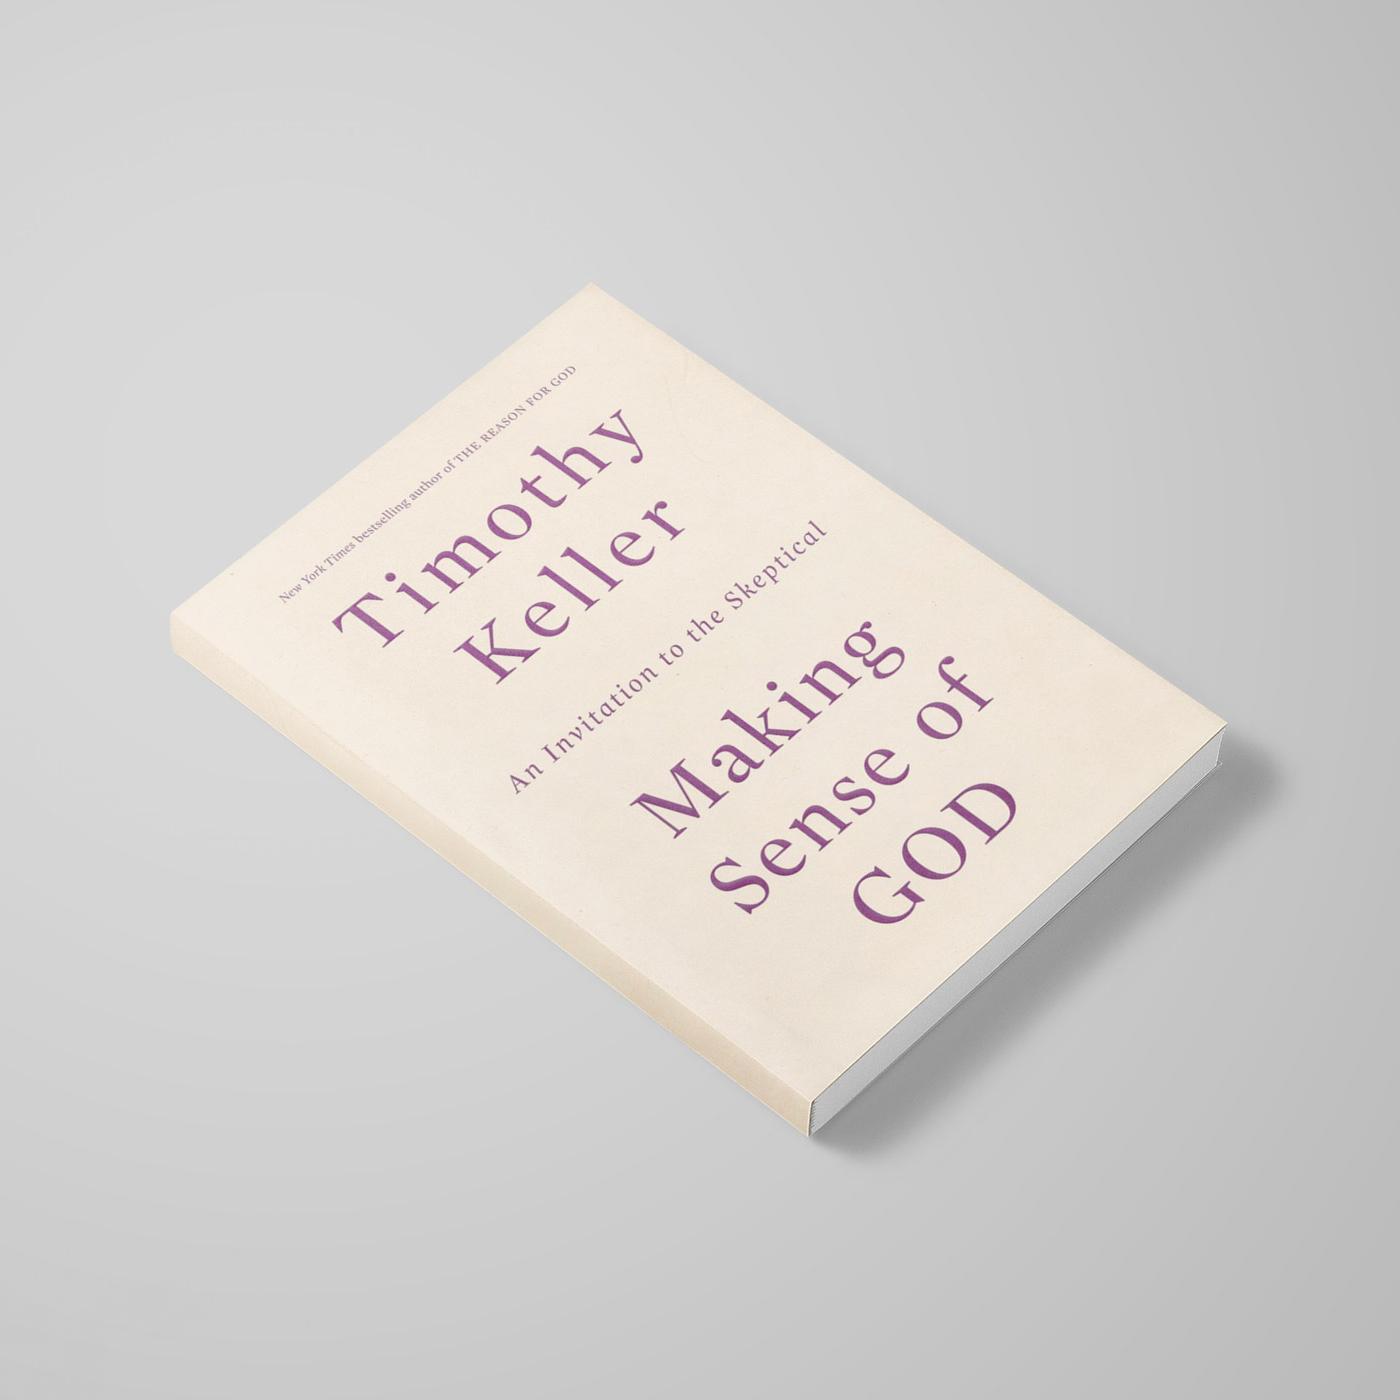 Making-Sense-of-God.jpg